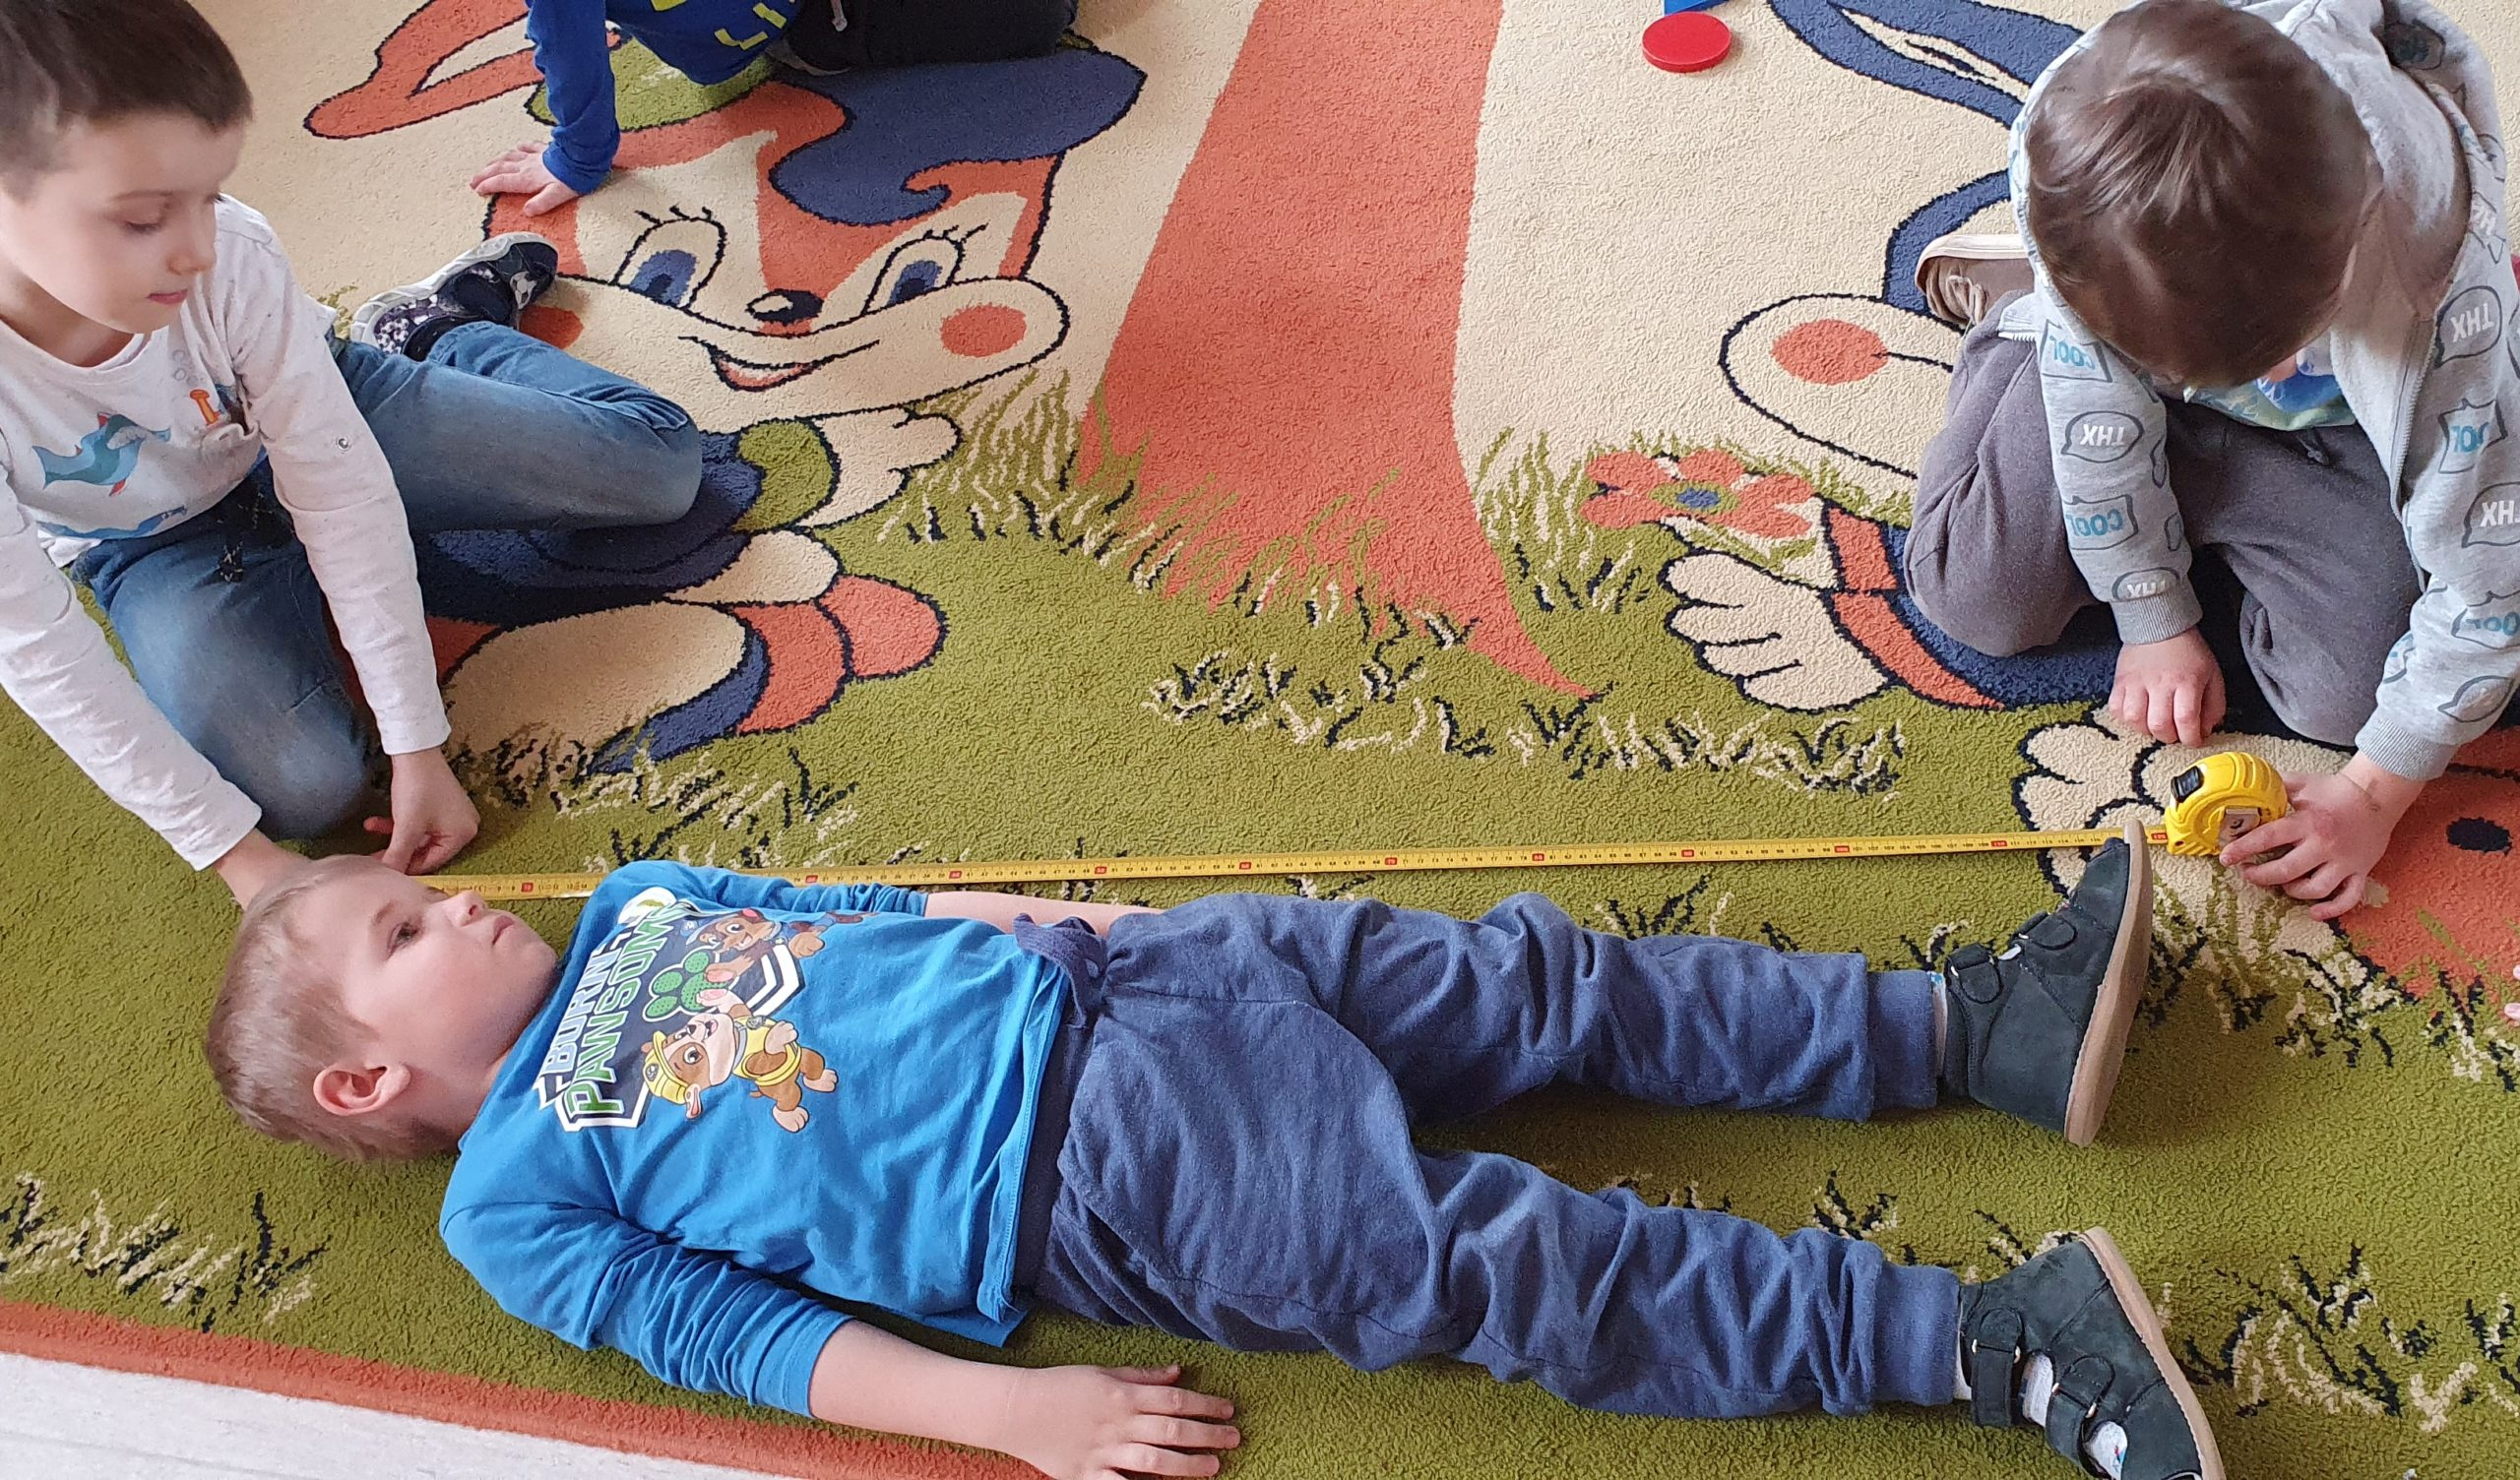 Chłopiec leży na dywanie. Obok dwóch chłopców mierzy jego długość żółtą miarką